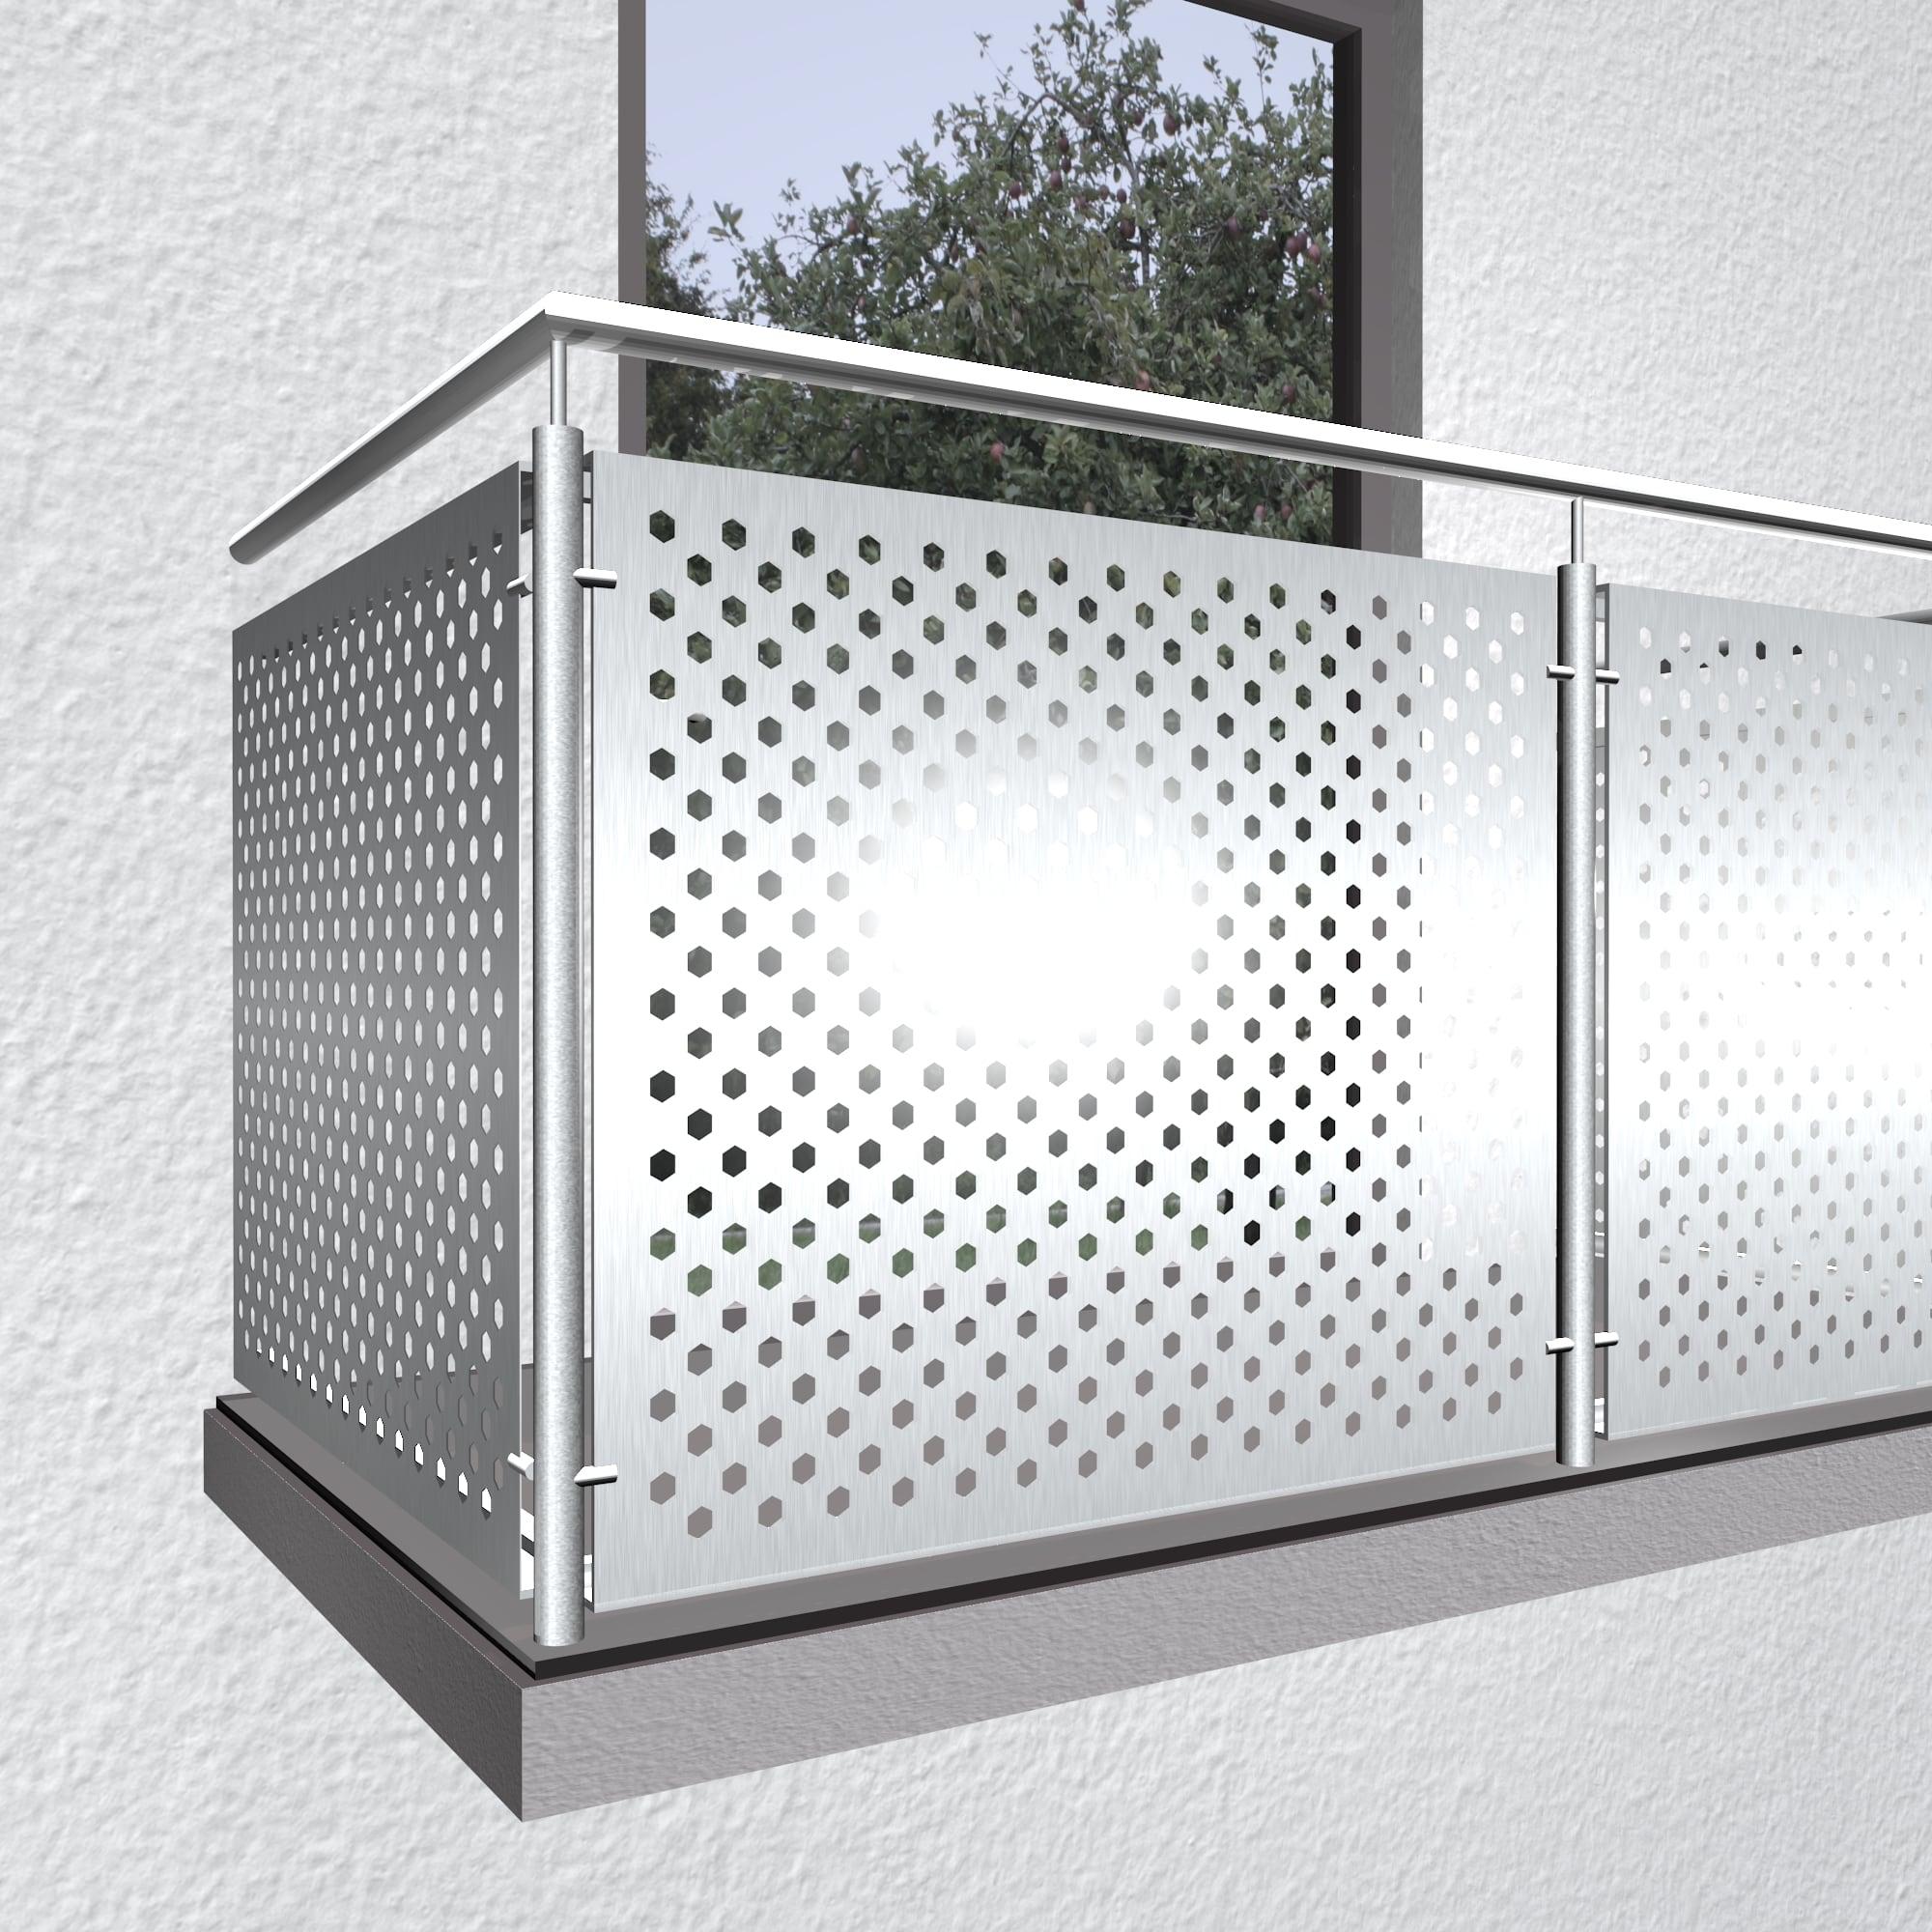 Balkonverkleidung Aluminium SK VE